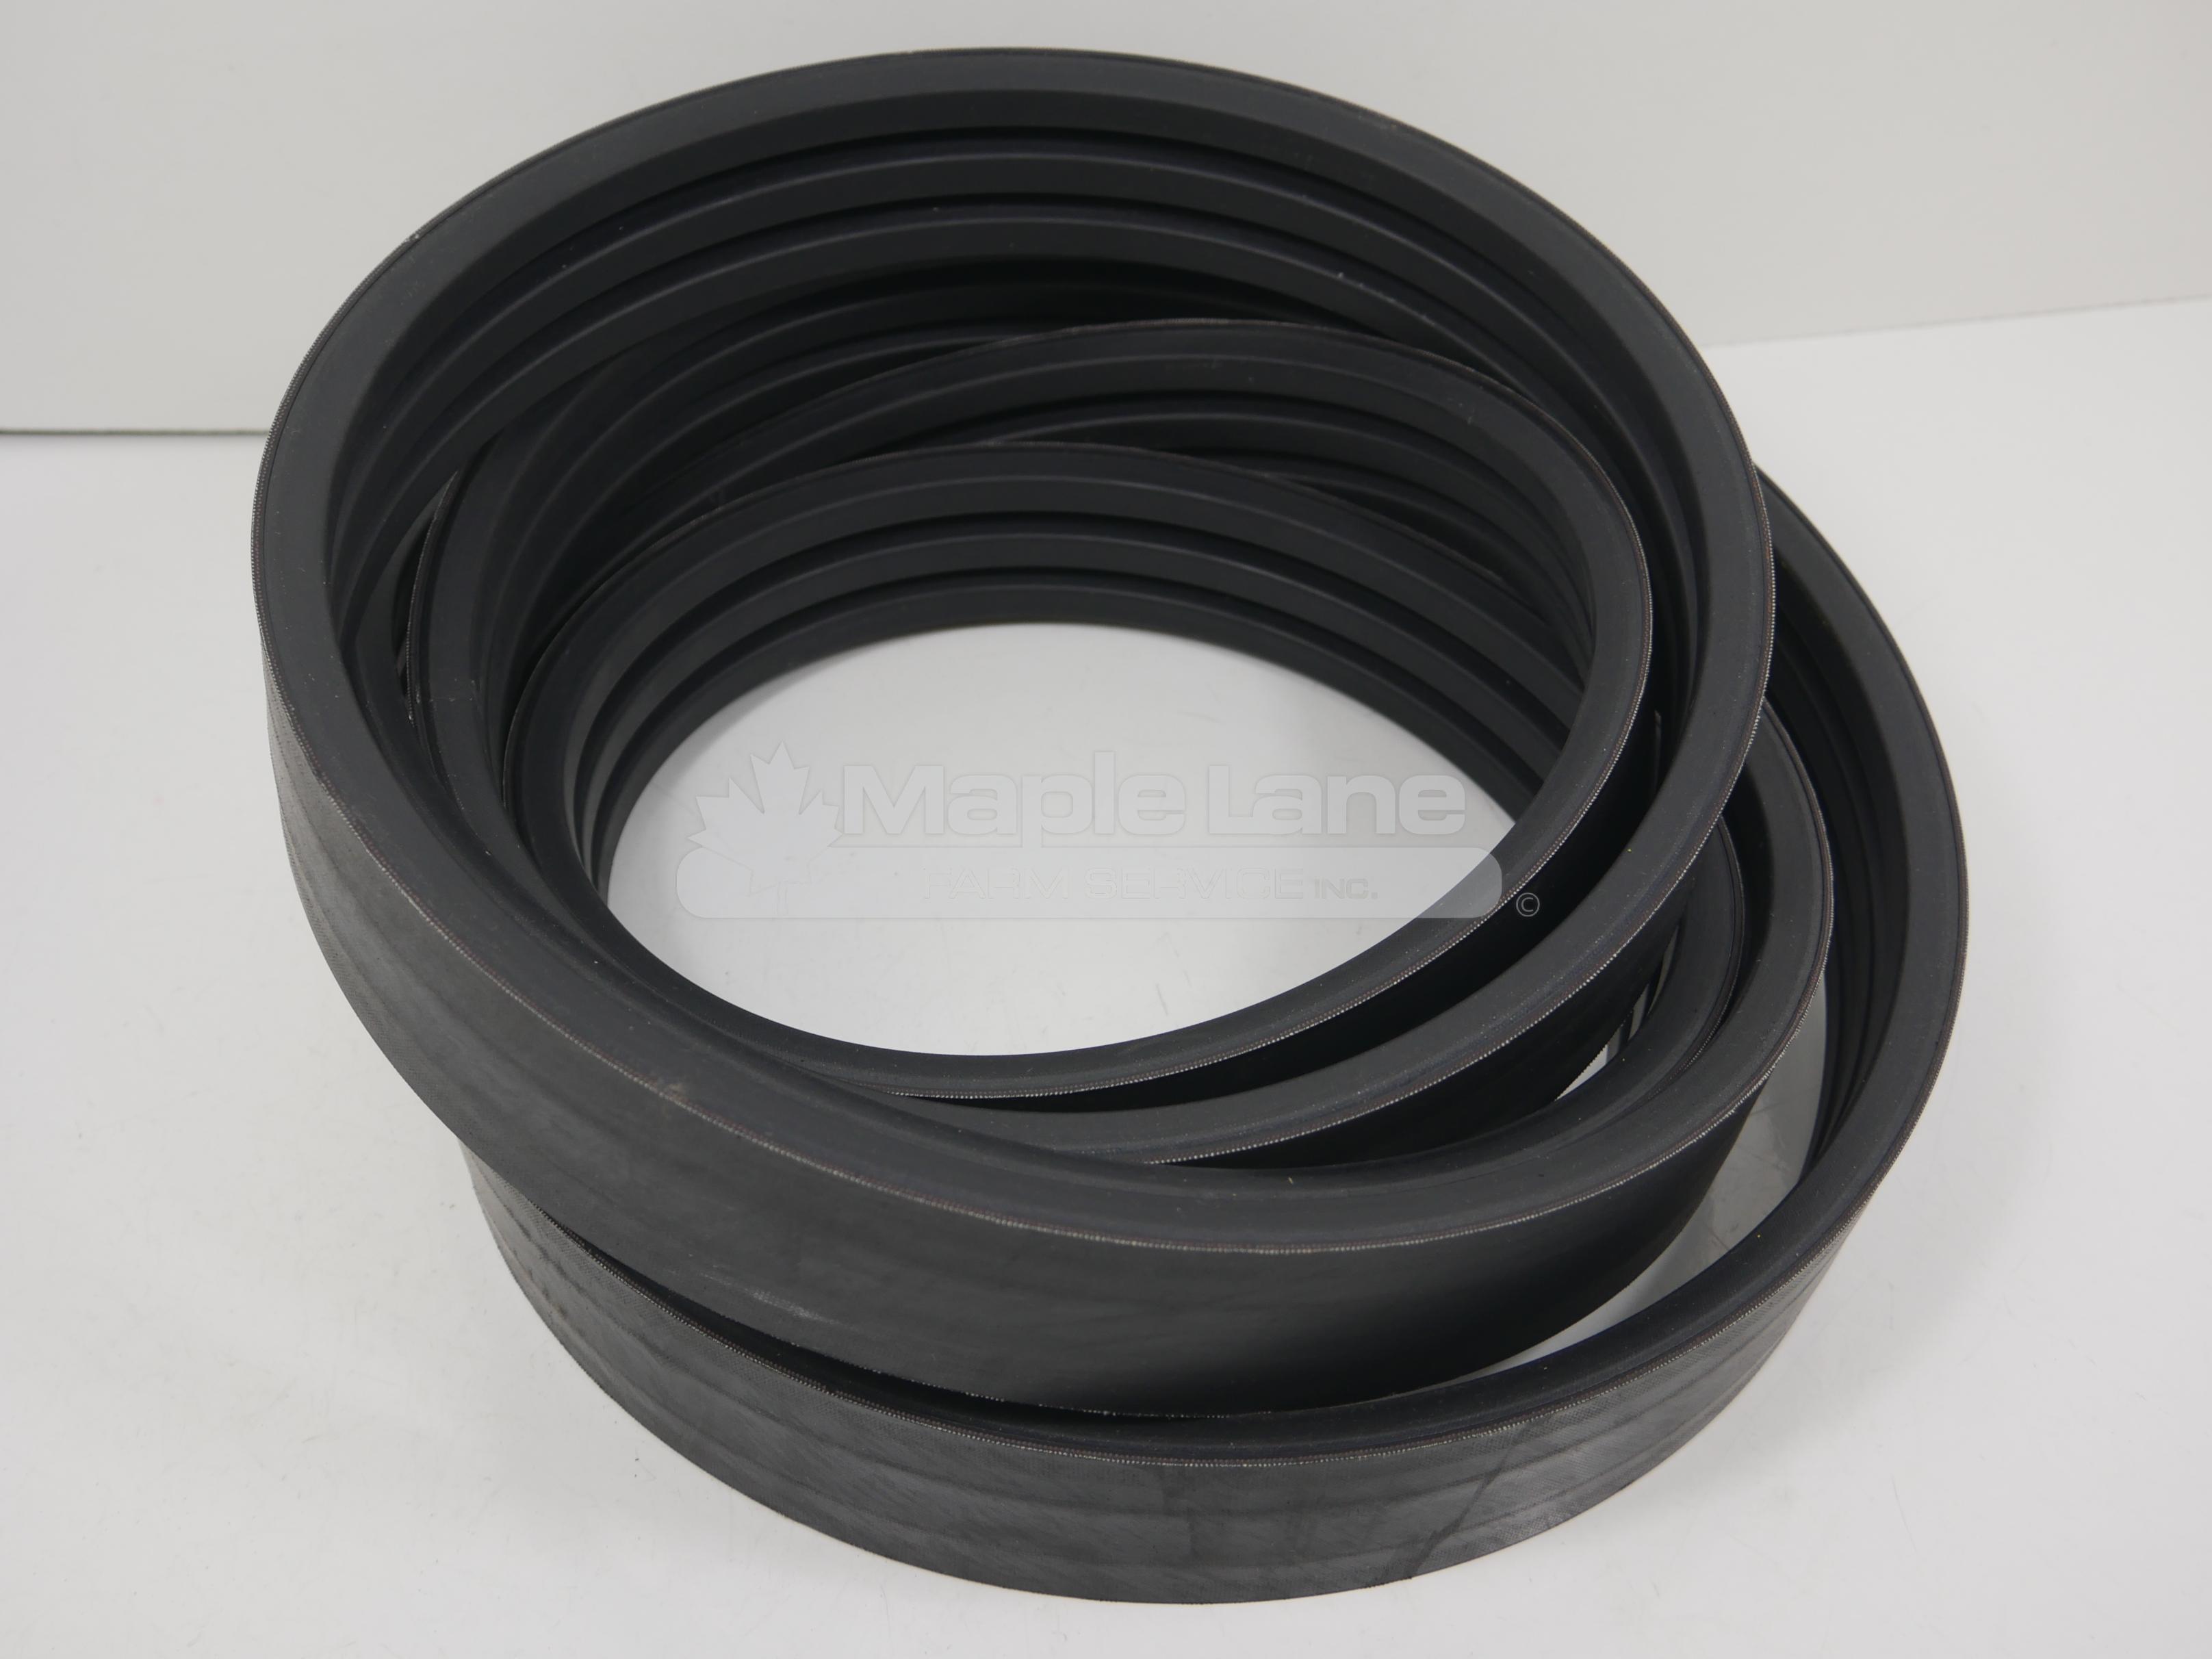 ACW1680830 Belt 4.749m